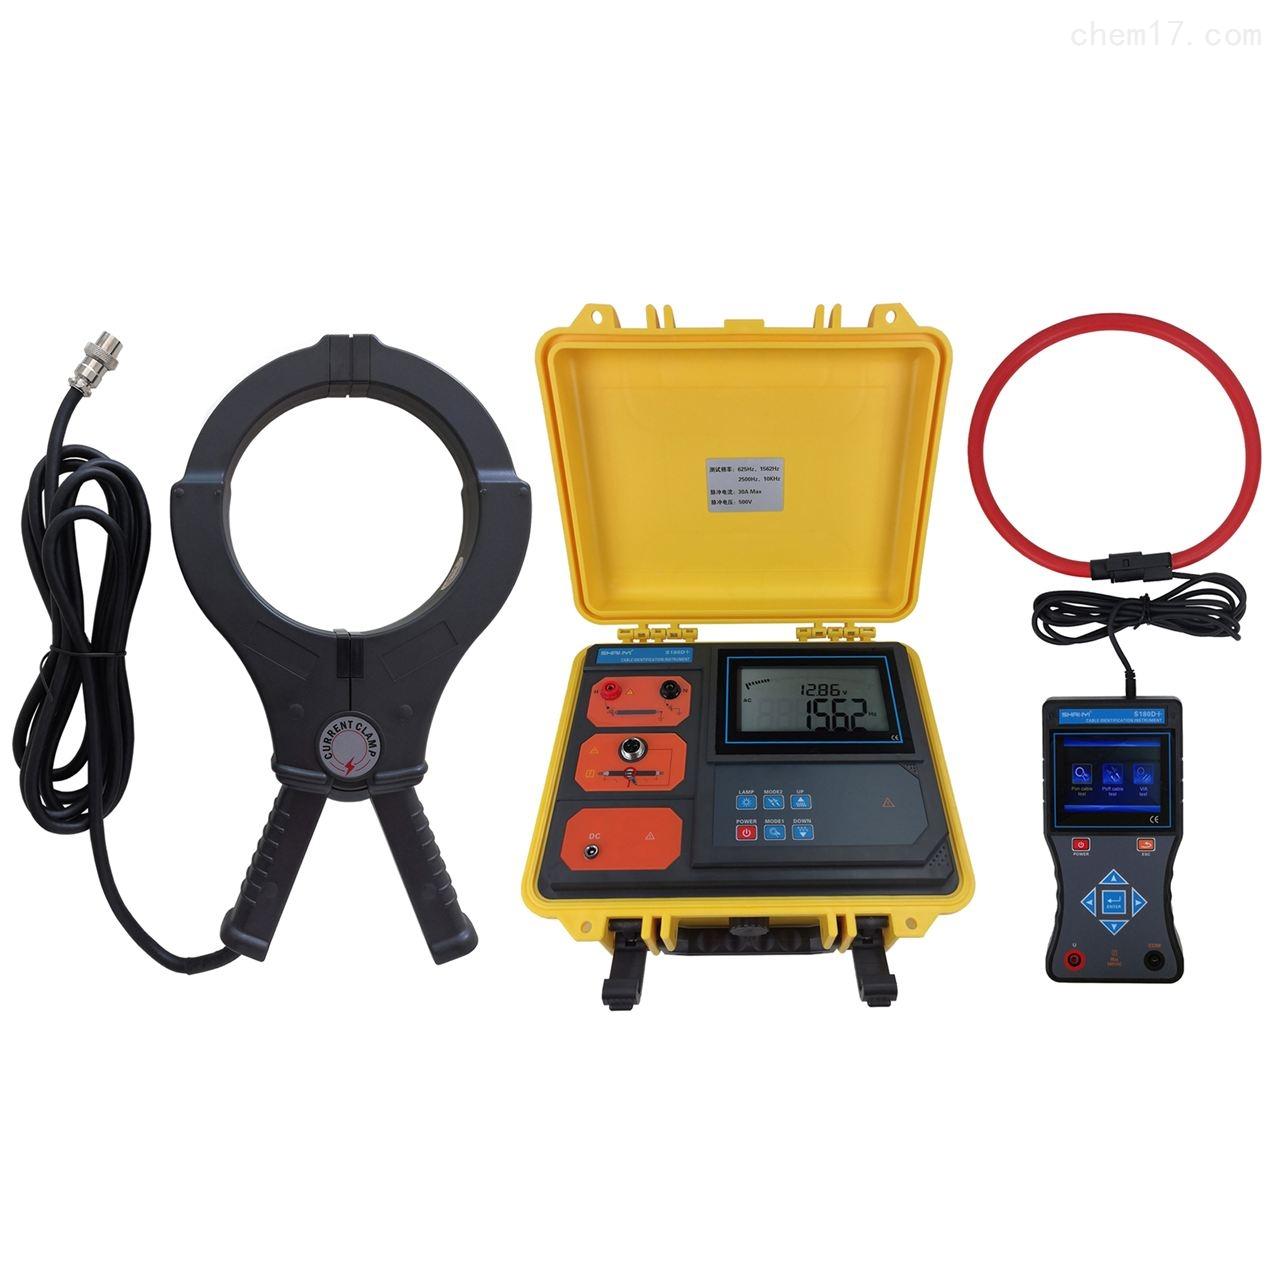 S180D+多功能电缆识别仪